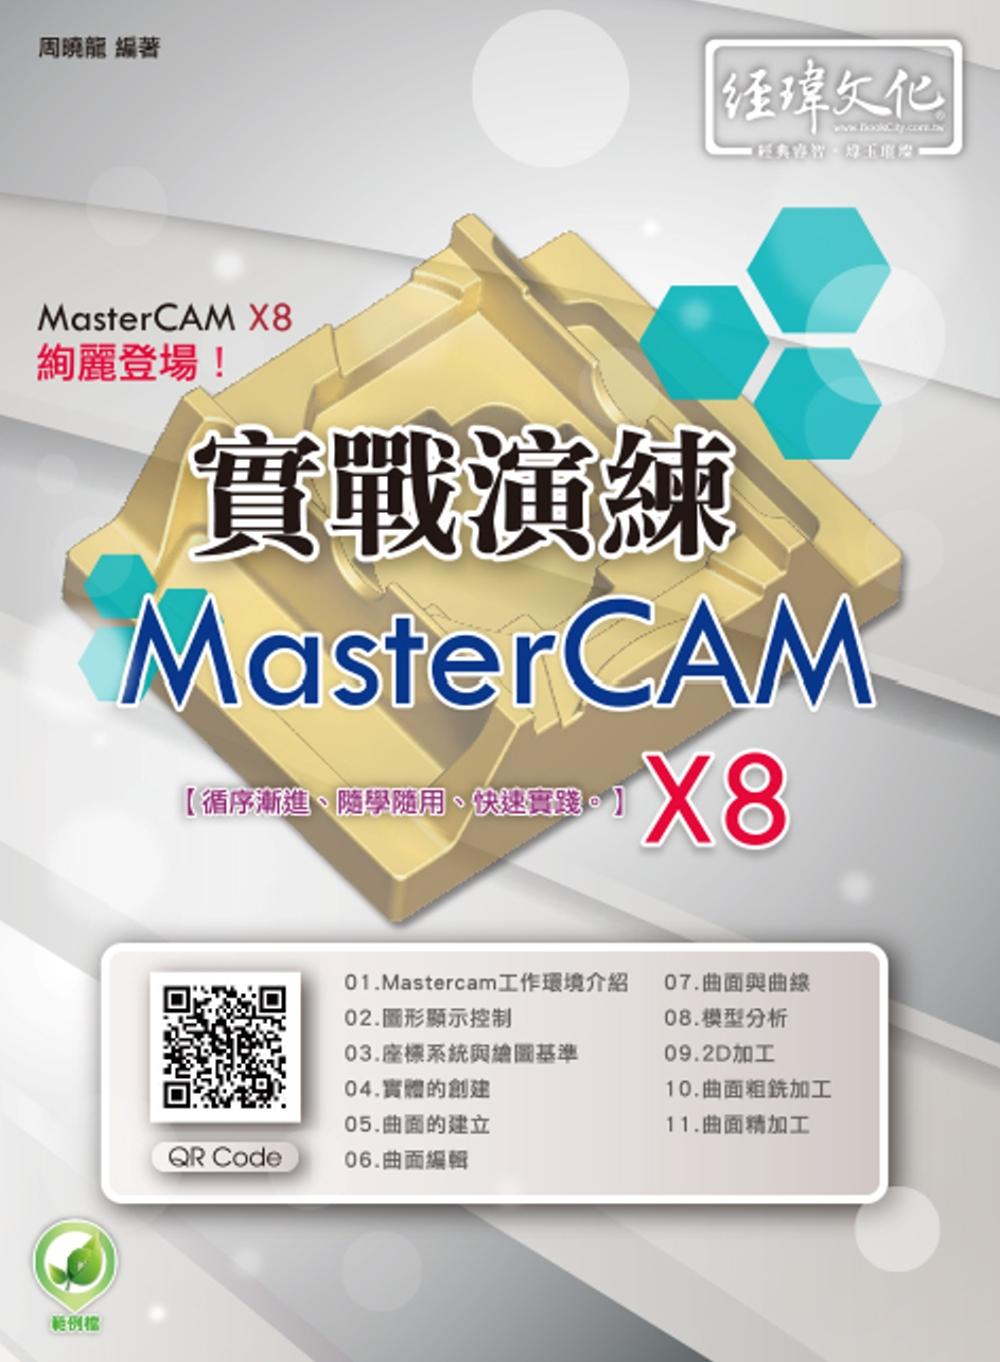 ◤博客來BOOKS◢ 暢銷書榜《推薦》MasterCAM X8 實戰演練(附綠色範例檔)